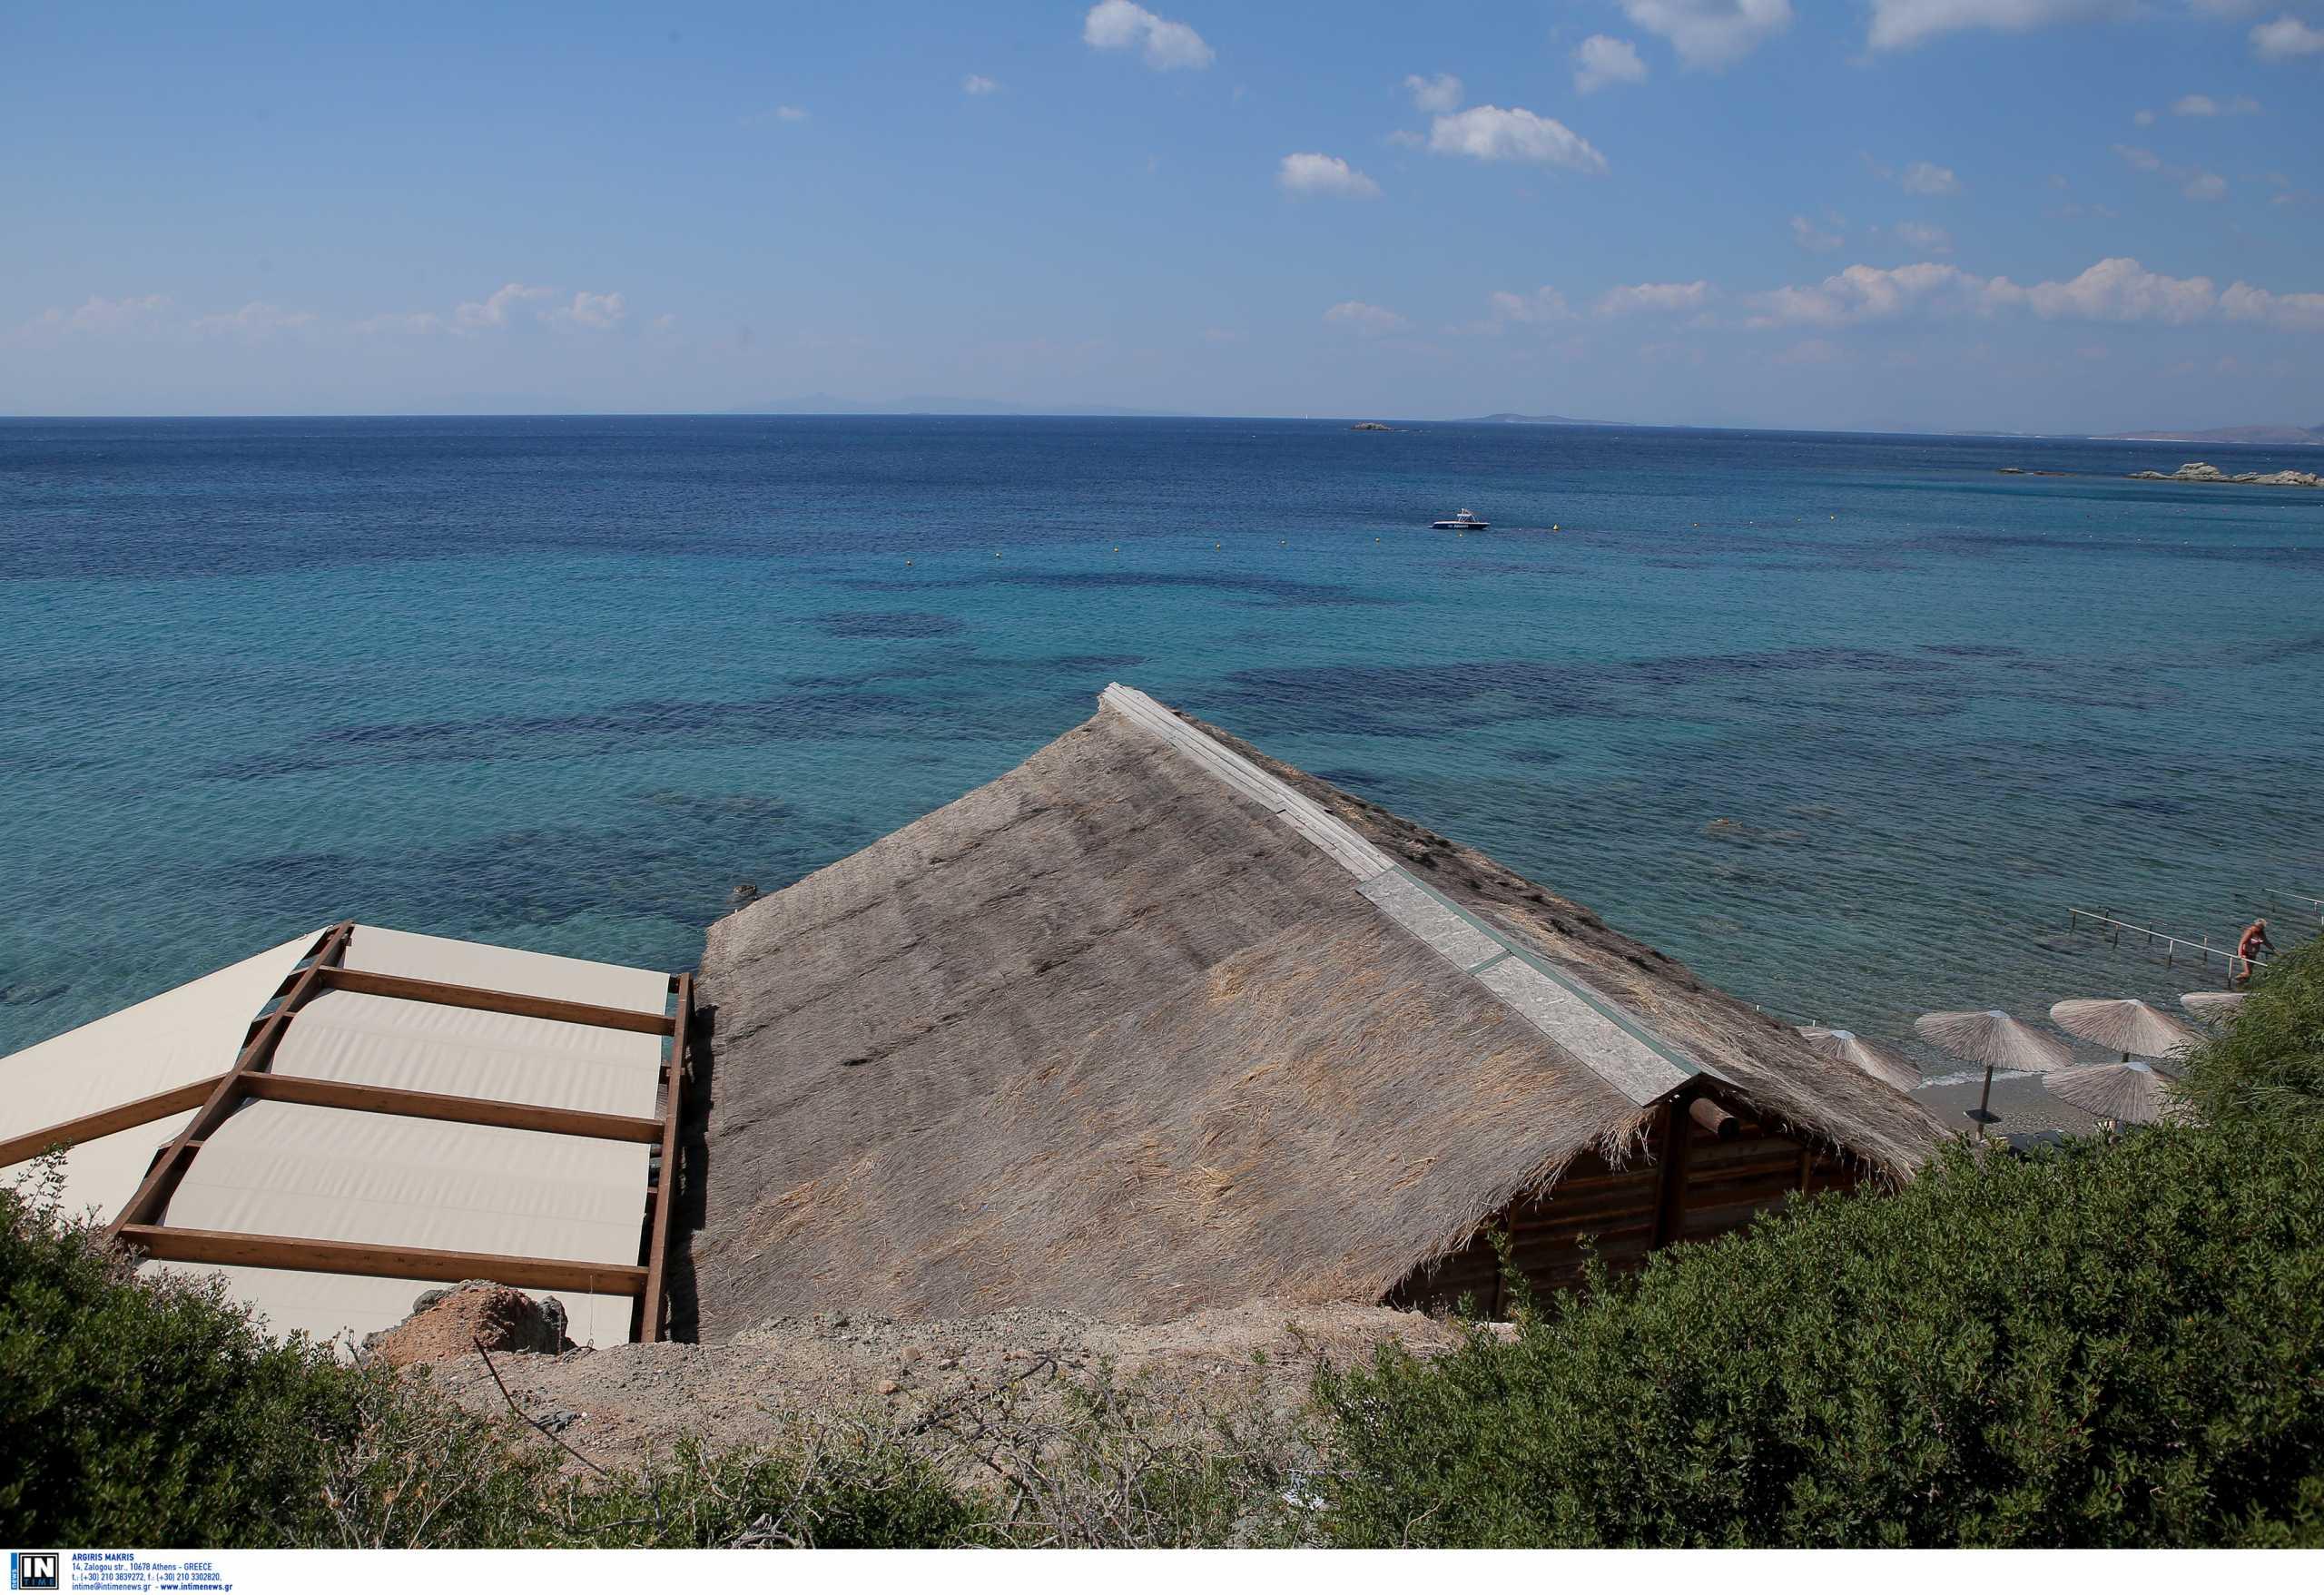 Ανάβυσσος και Παλαιά Φώκαια ενώνονται – Το φιλόδοξο σχέδιο του Δήμου Σαρωνικού